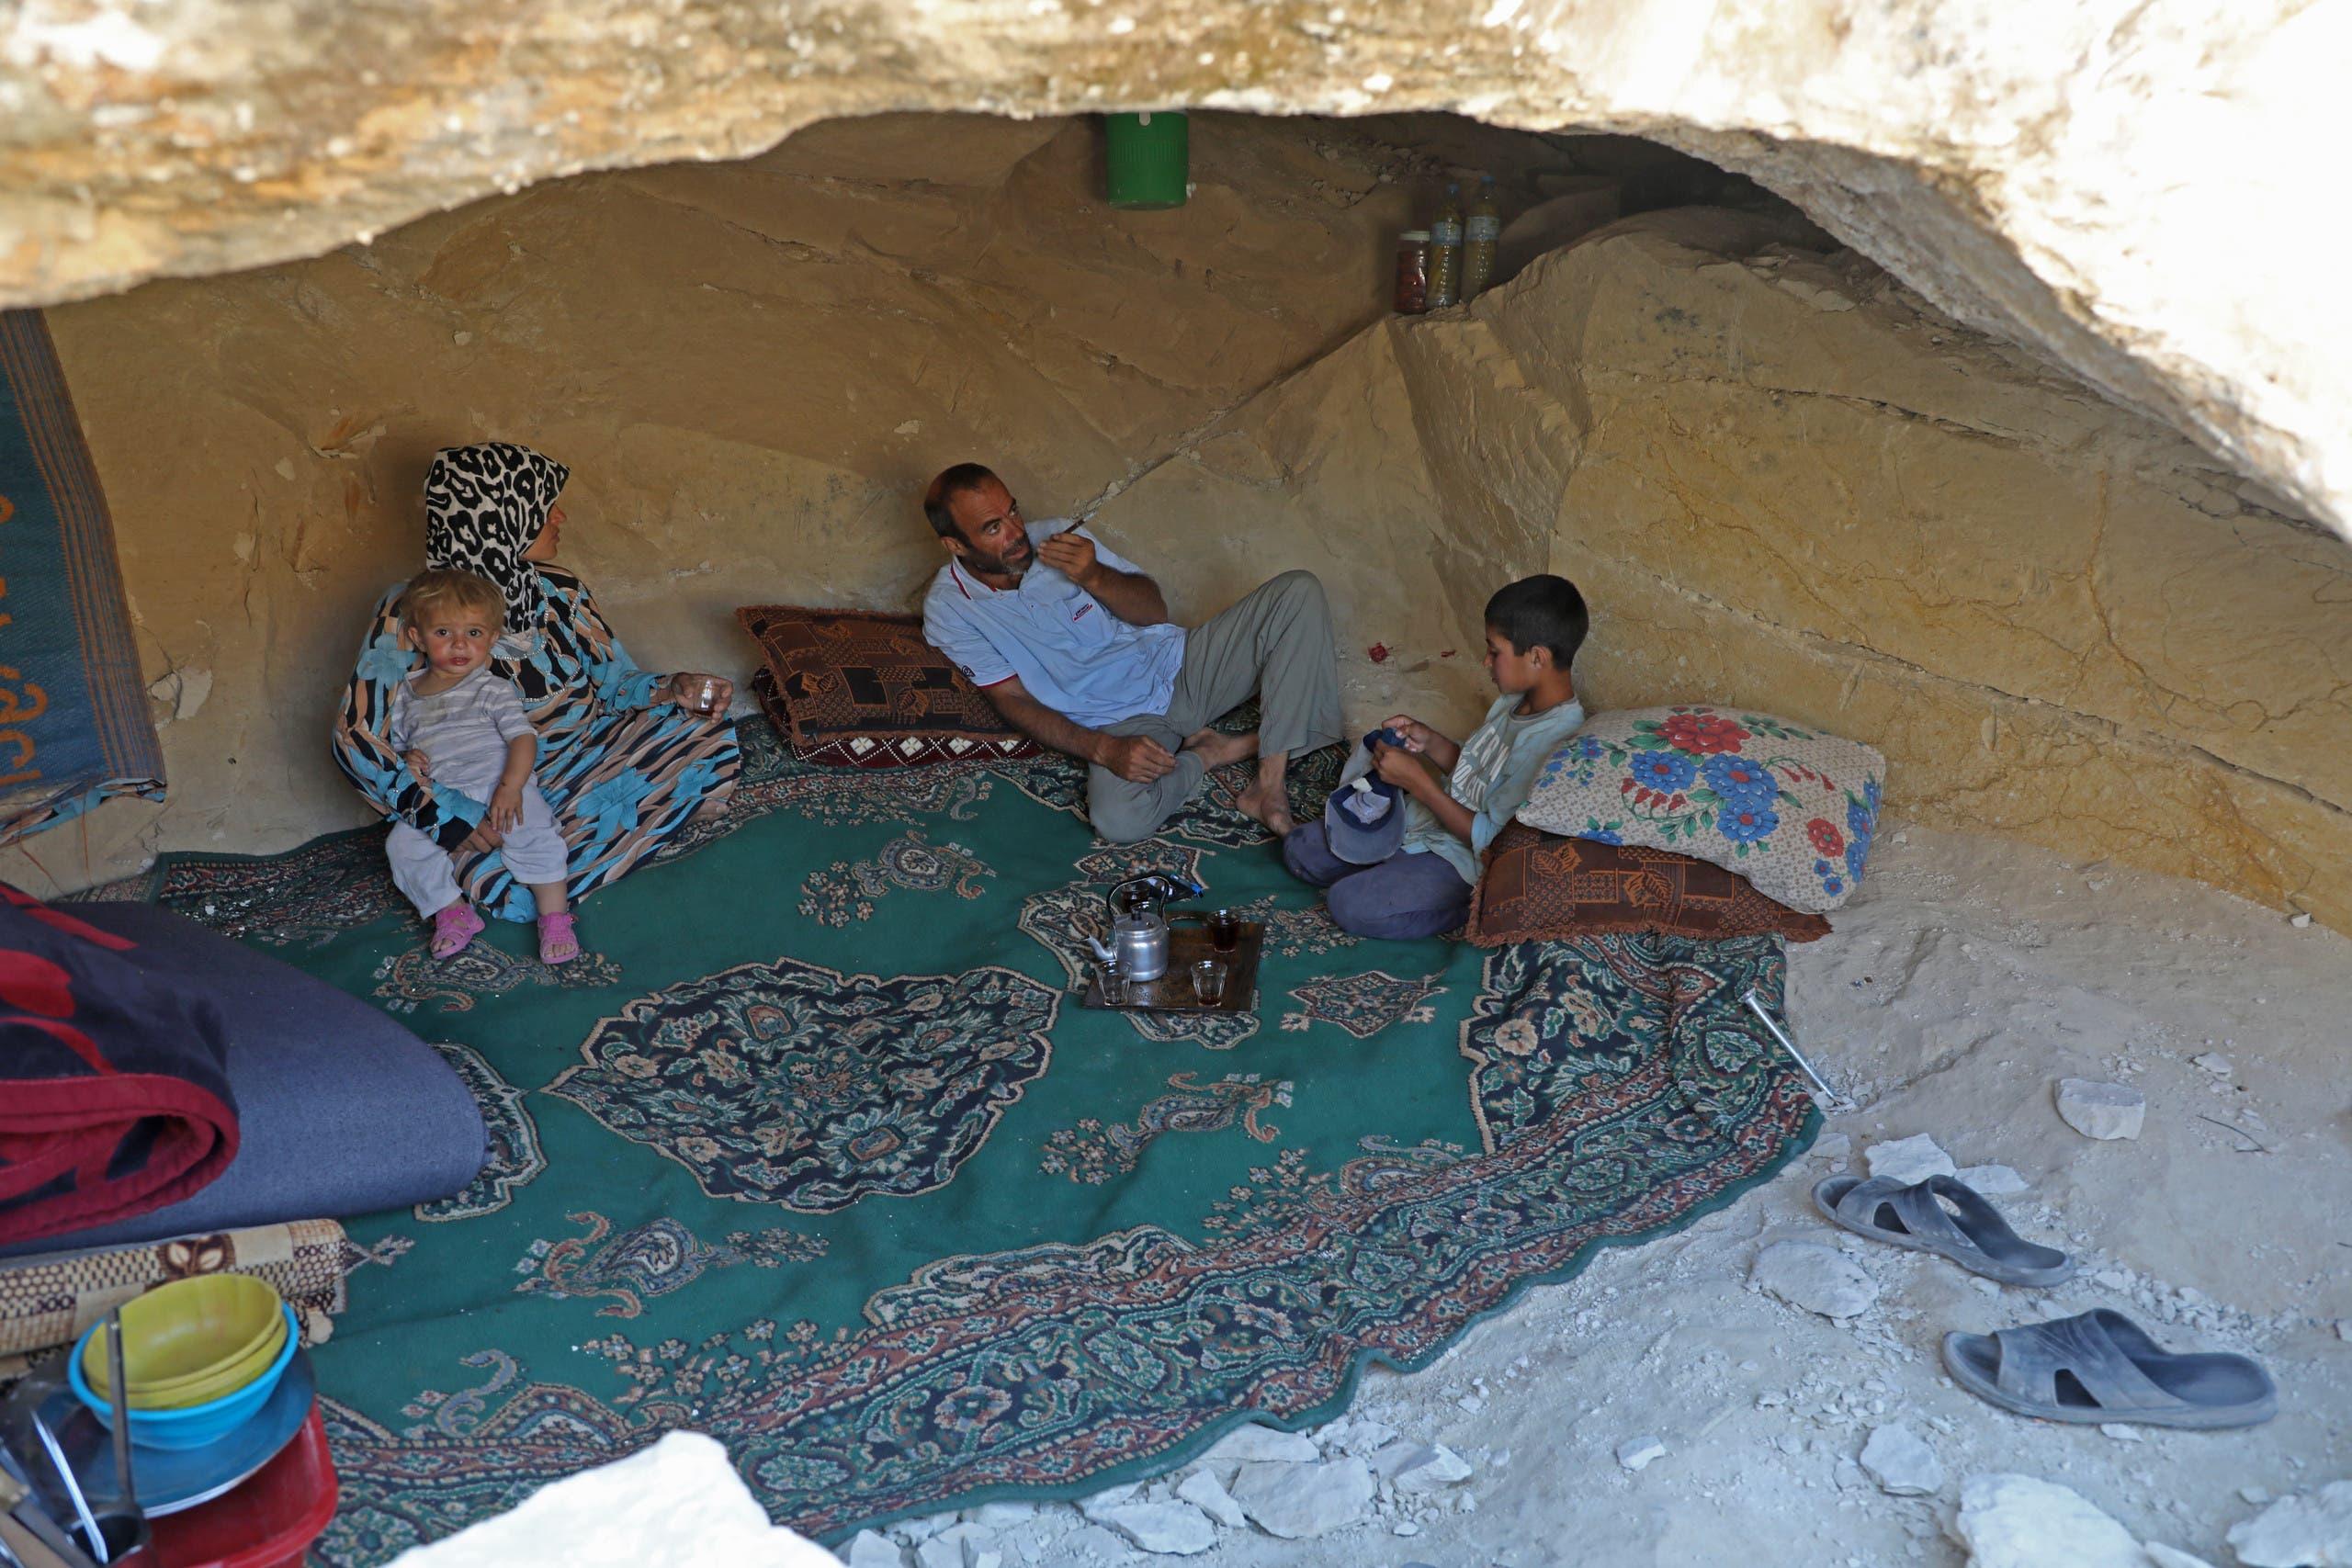 نازحون من إدلب اتخذوا من مغارة مأوى من القصف